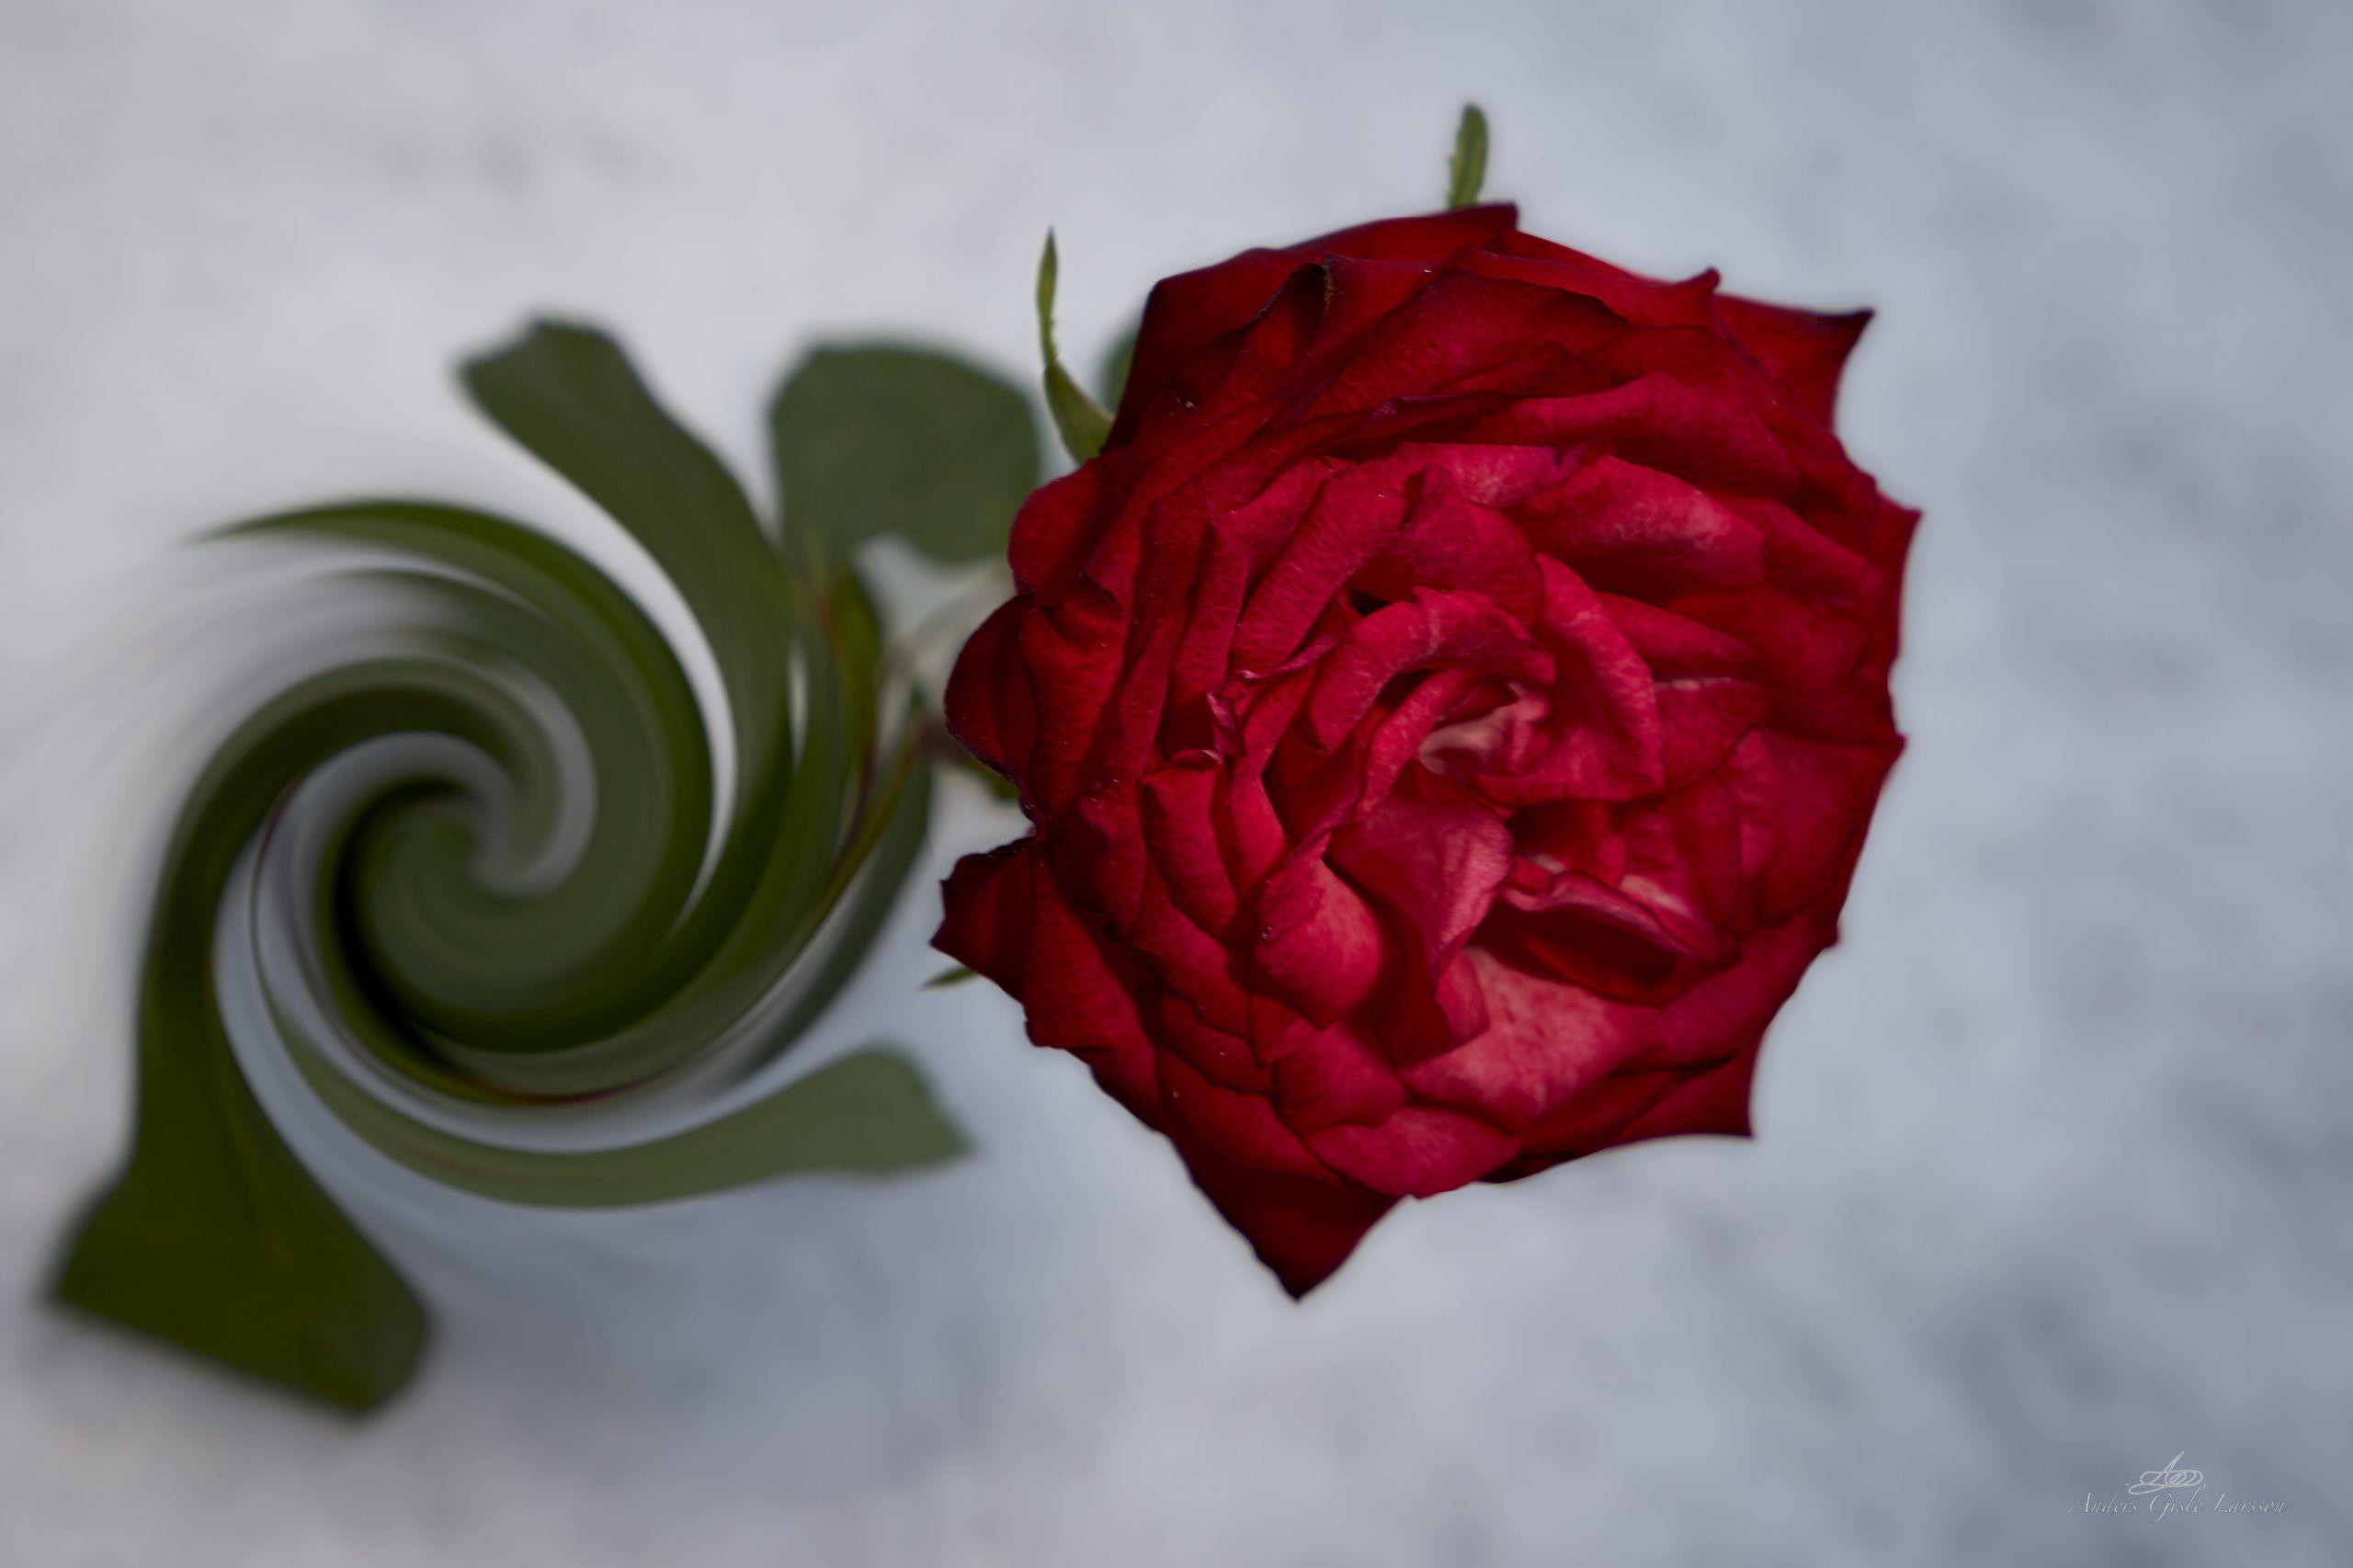 Rose, Manipulation, Uge 3, 19/365, Assentoft, Randers